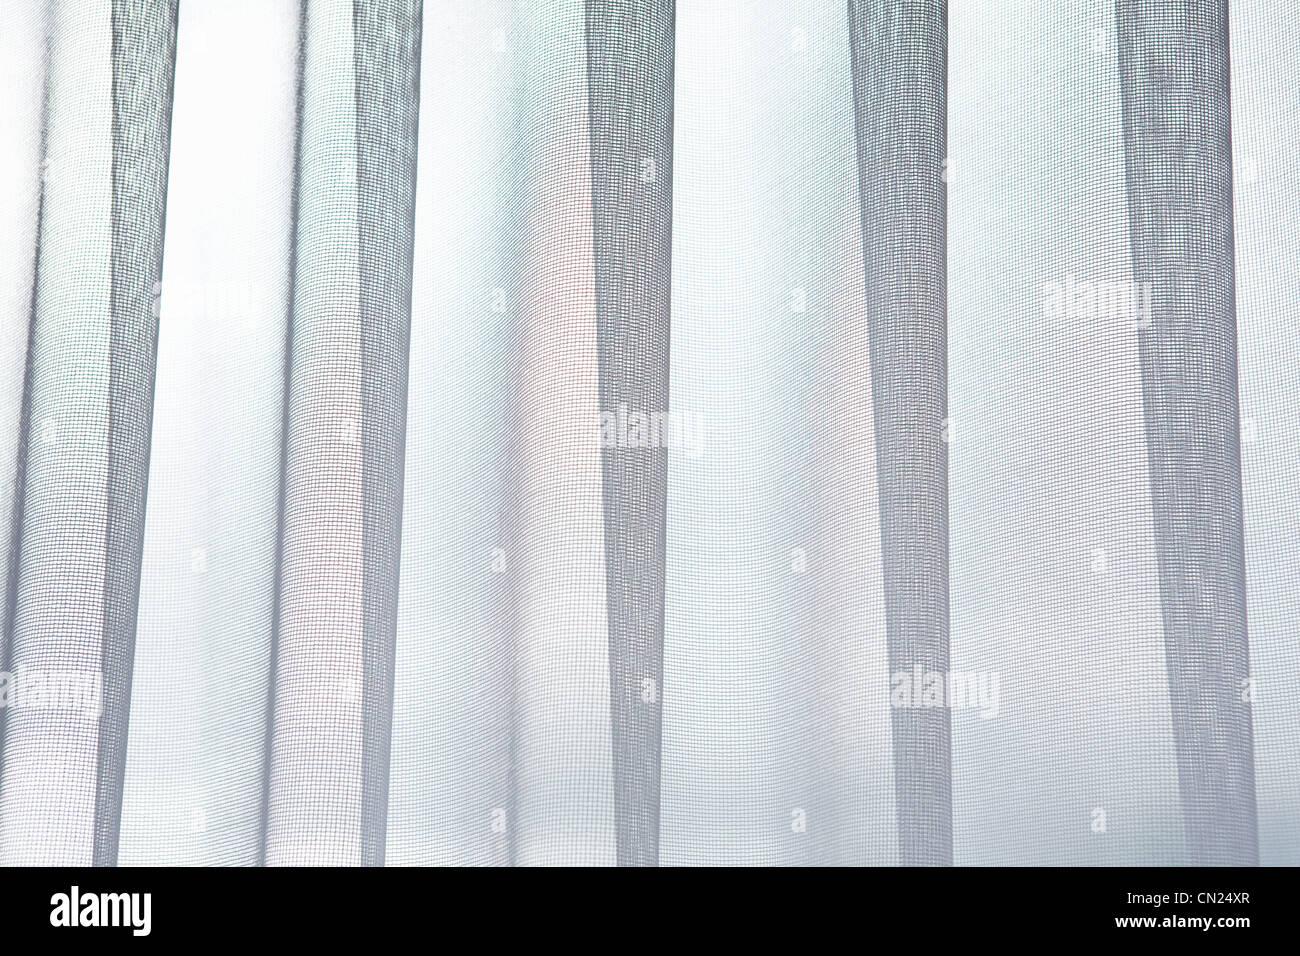 Rideau, résumé Photo Stock